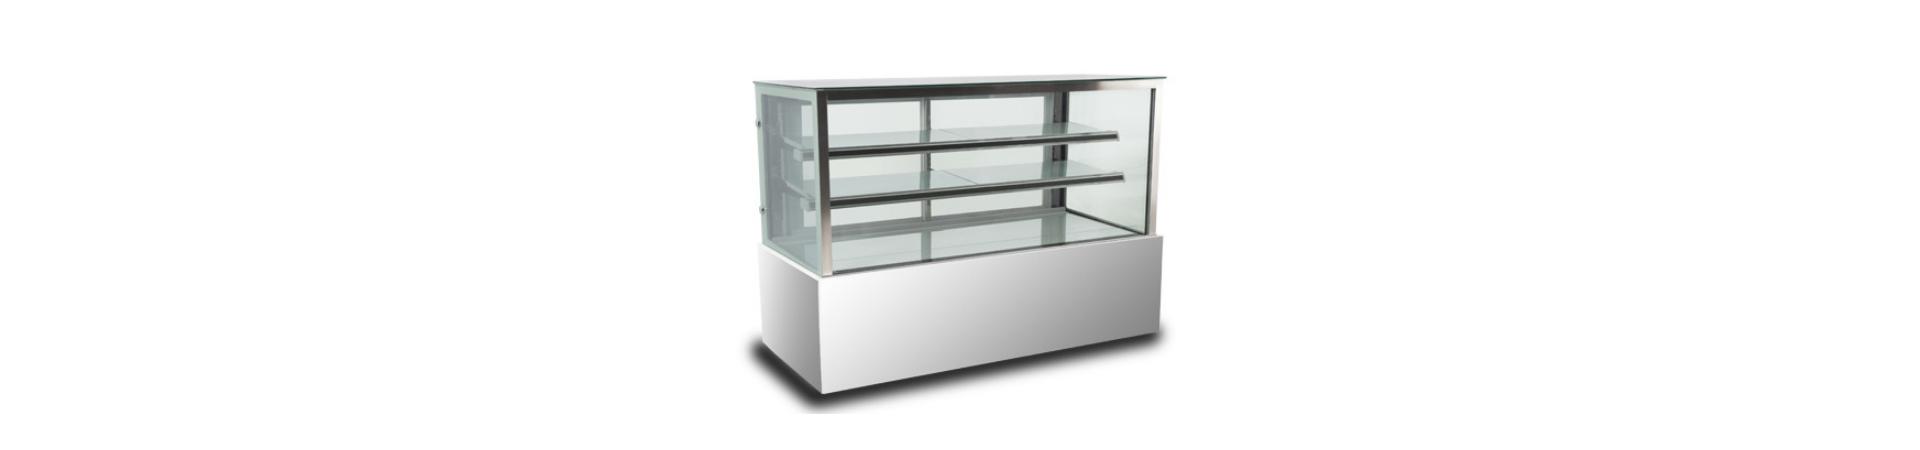 Muebles y mostradores para la venta